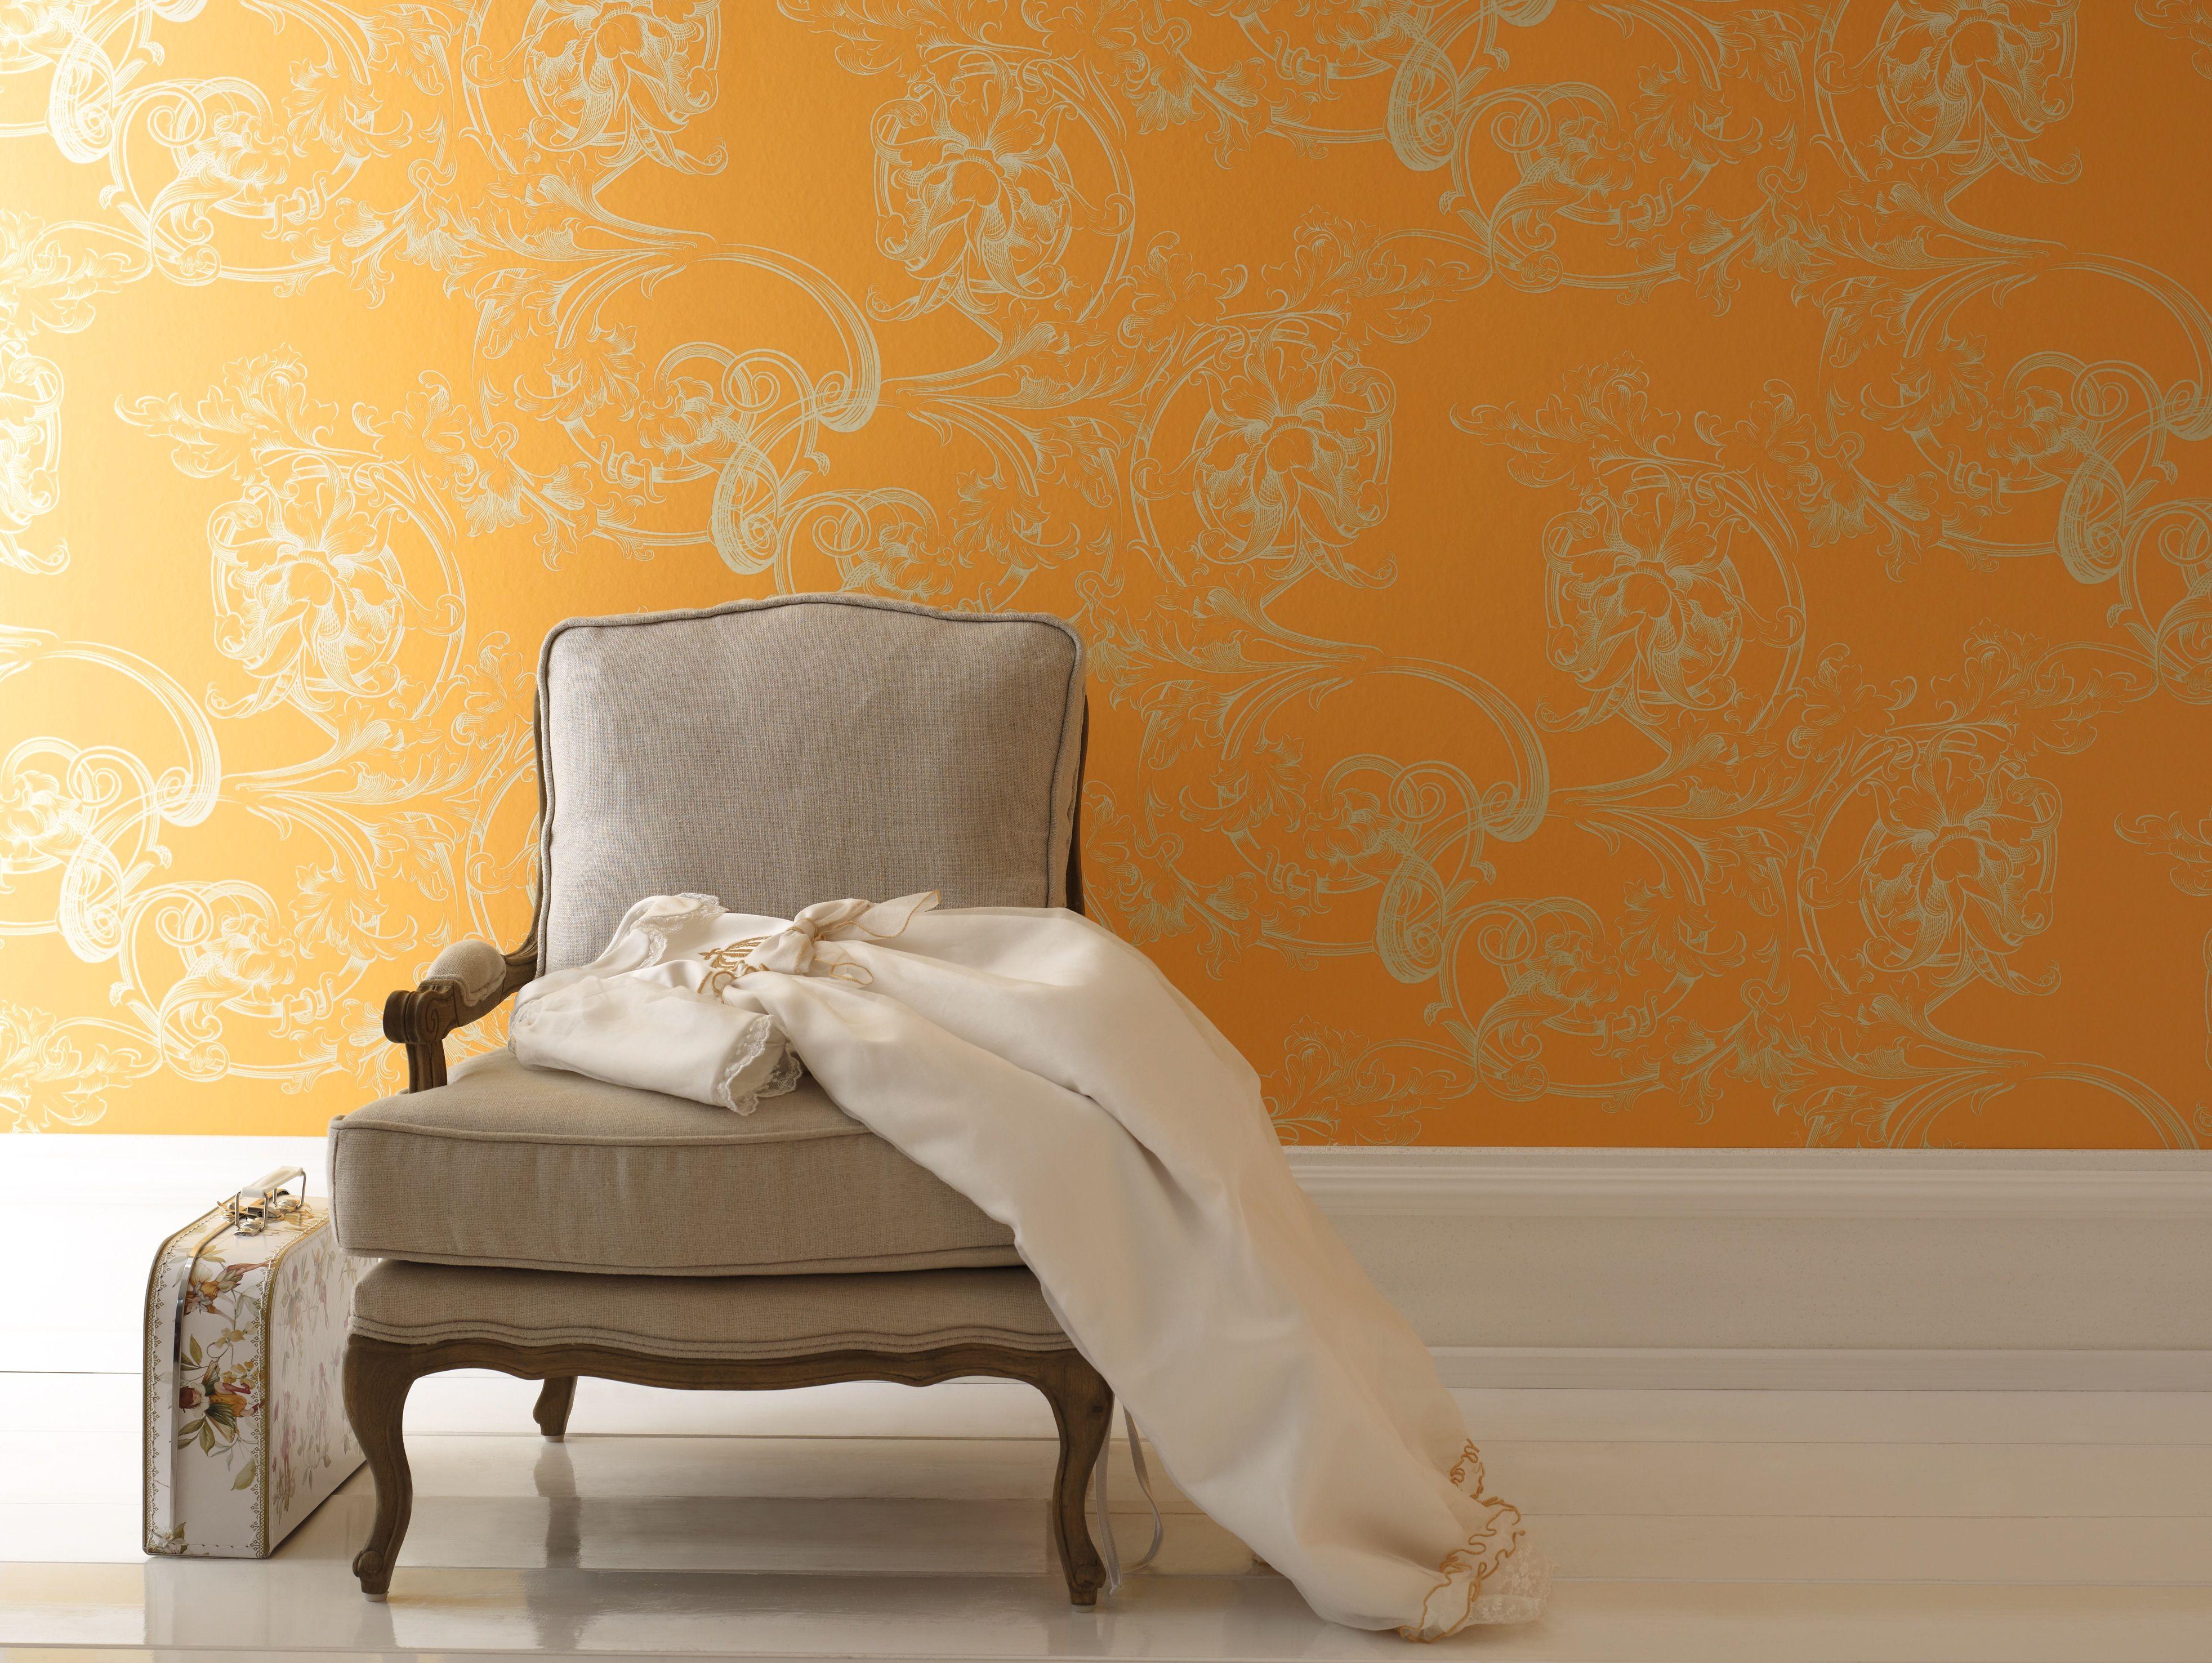 harald gl ckler pr sentiert am weltkindertag seine neue tapeten kollektion f r kinder. Black Bedroom Furniture Sets. Home Design Ideas